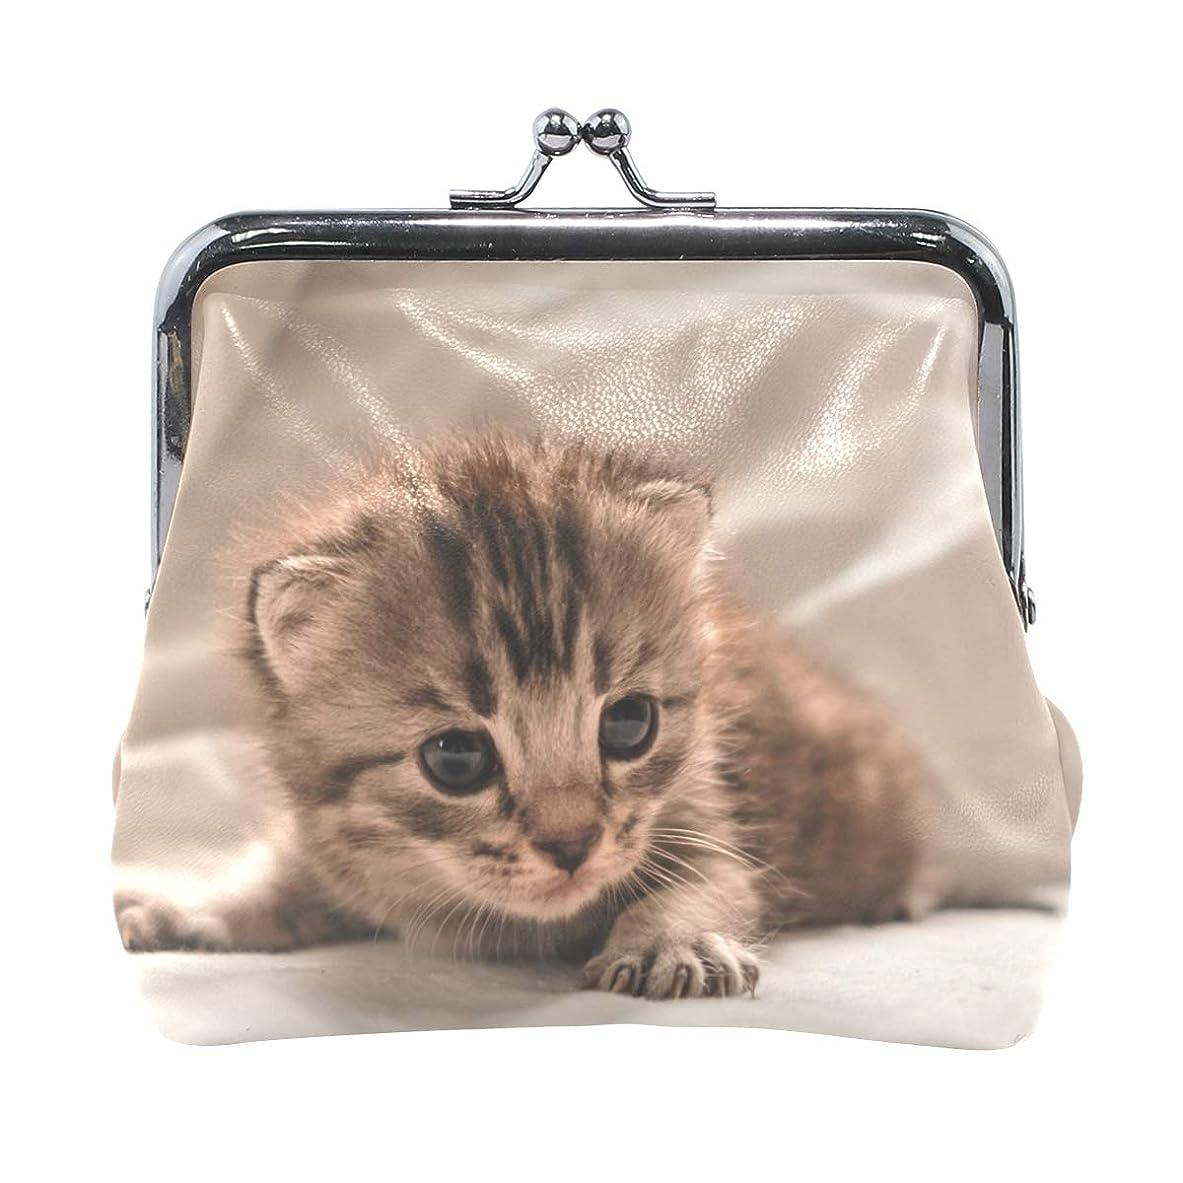 フォアタイプ複雑世界的にがま口 財布 口金 小銭入れ ポーチ 動物 猫 可愛い ANNSIN バッグ かわいい 高級レザー レディース プレゼント ほど良いサイズ